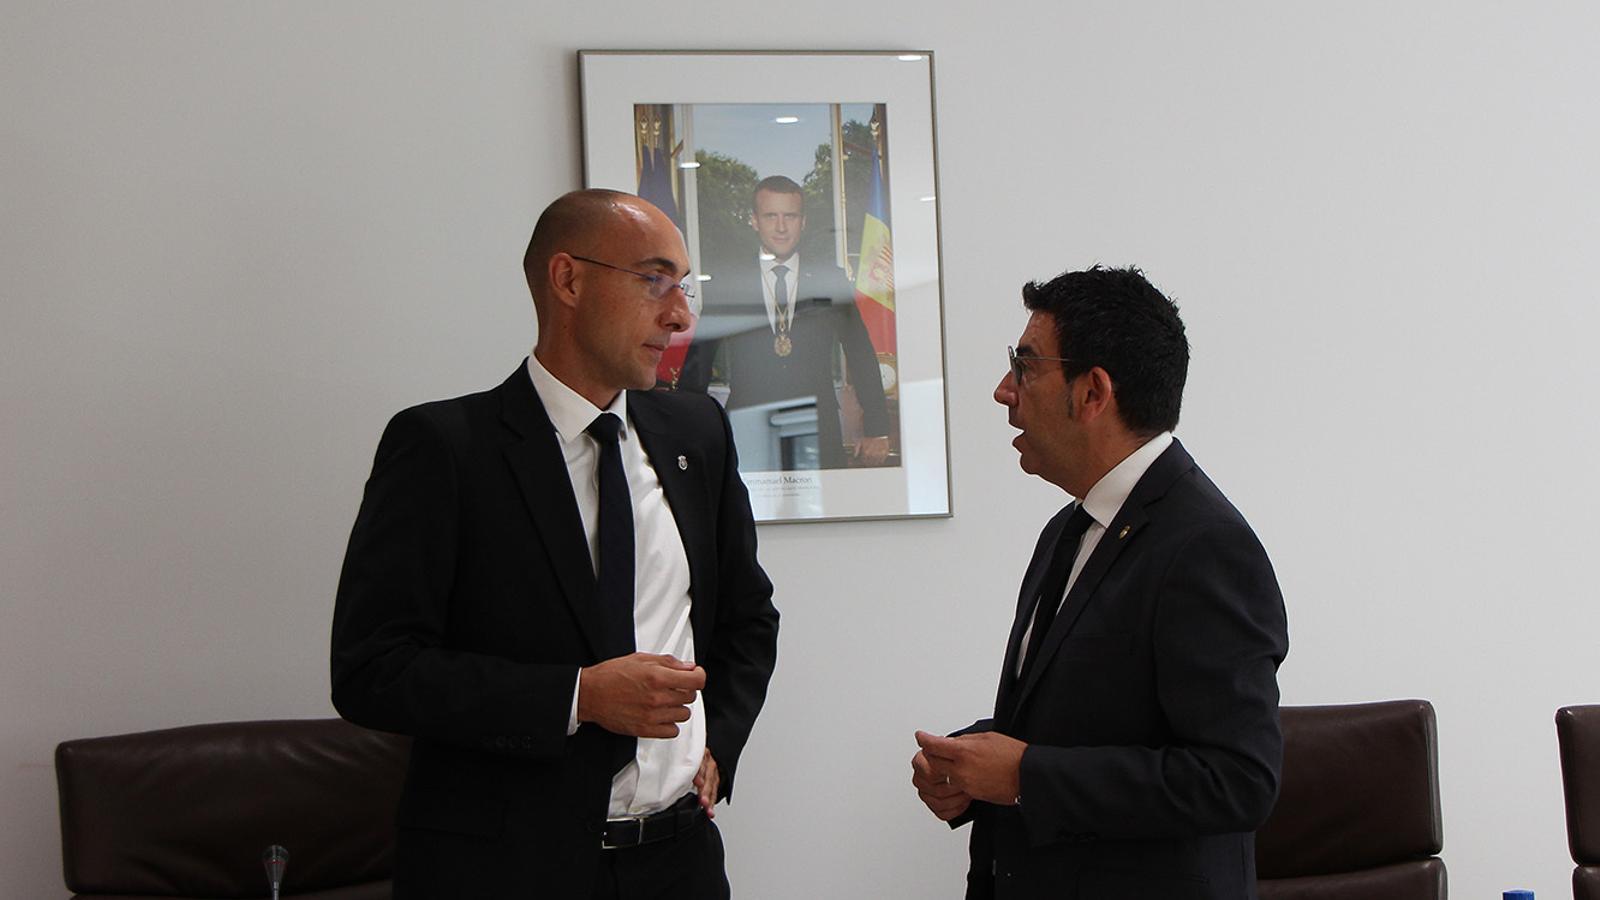 El conseller de Serveis Públics i Circulació d'Andorra la Vella, Miquel Canturri, conversa amb el secretari general moments abans de l'inici de la sessió de consell de comú. / M. F. (ANA)